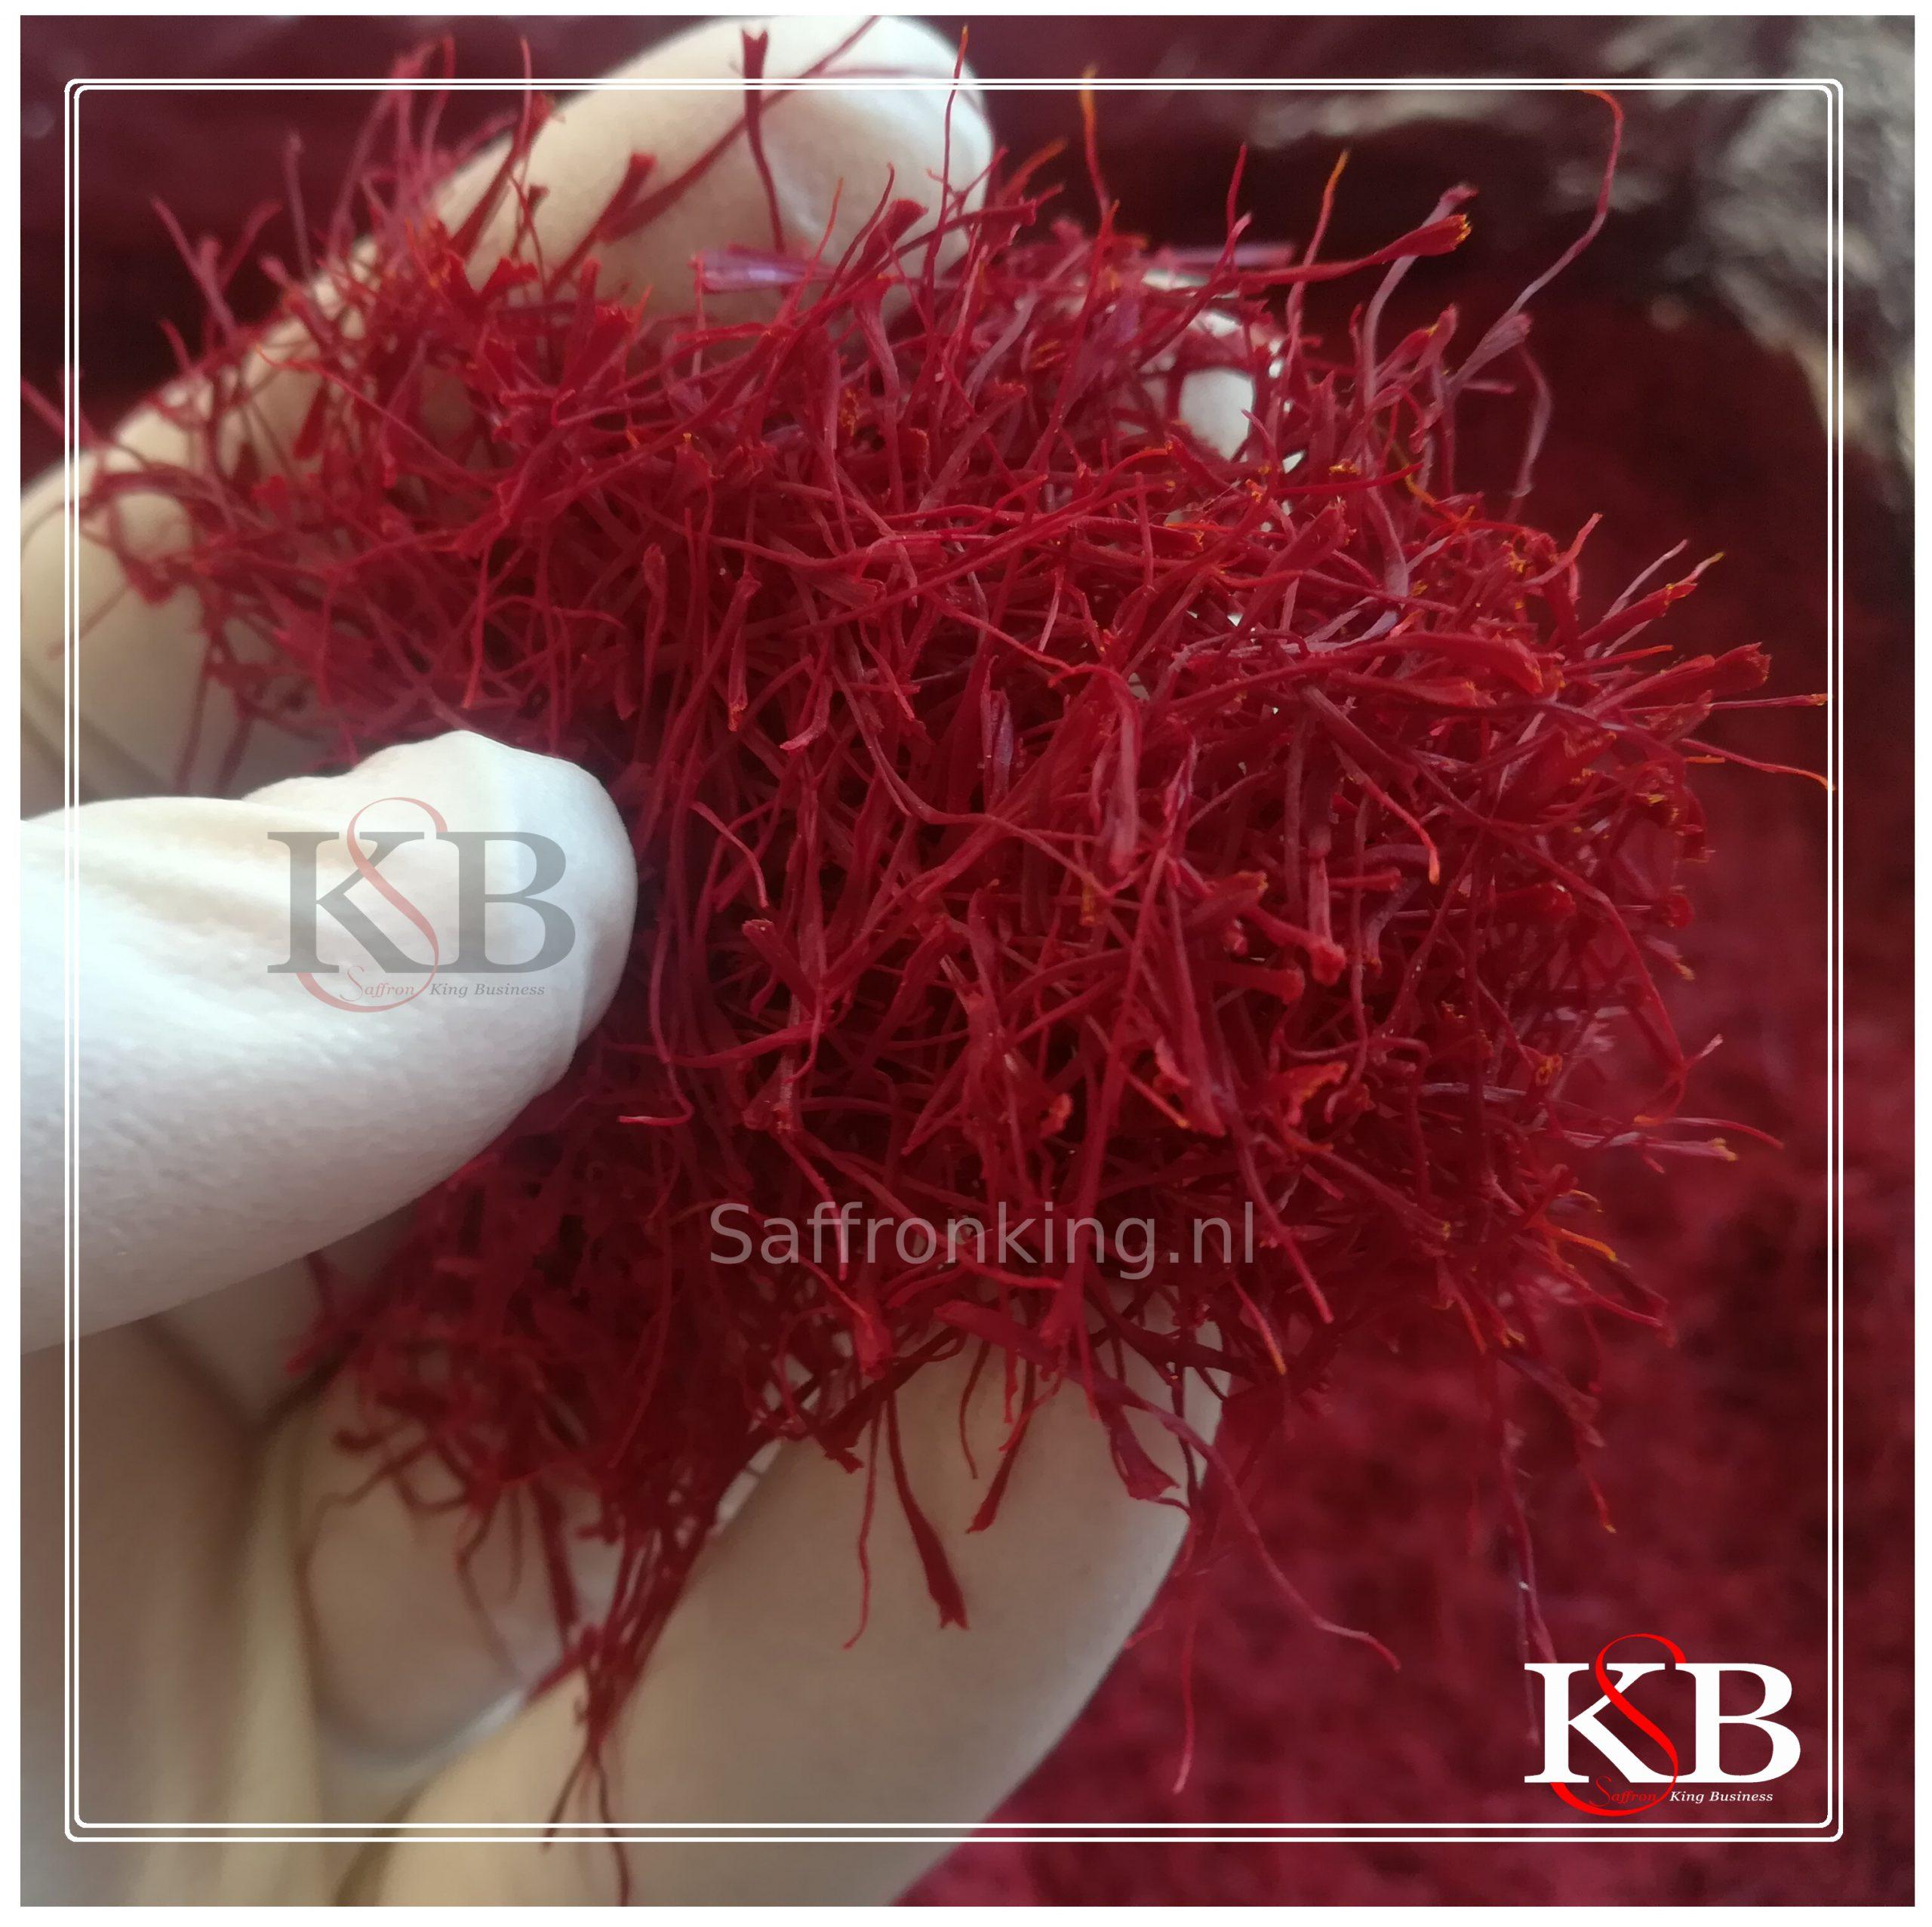 Risks, Precautions and Dose of Saffron